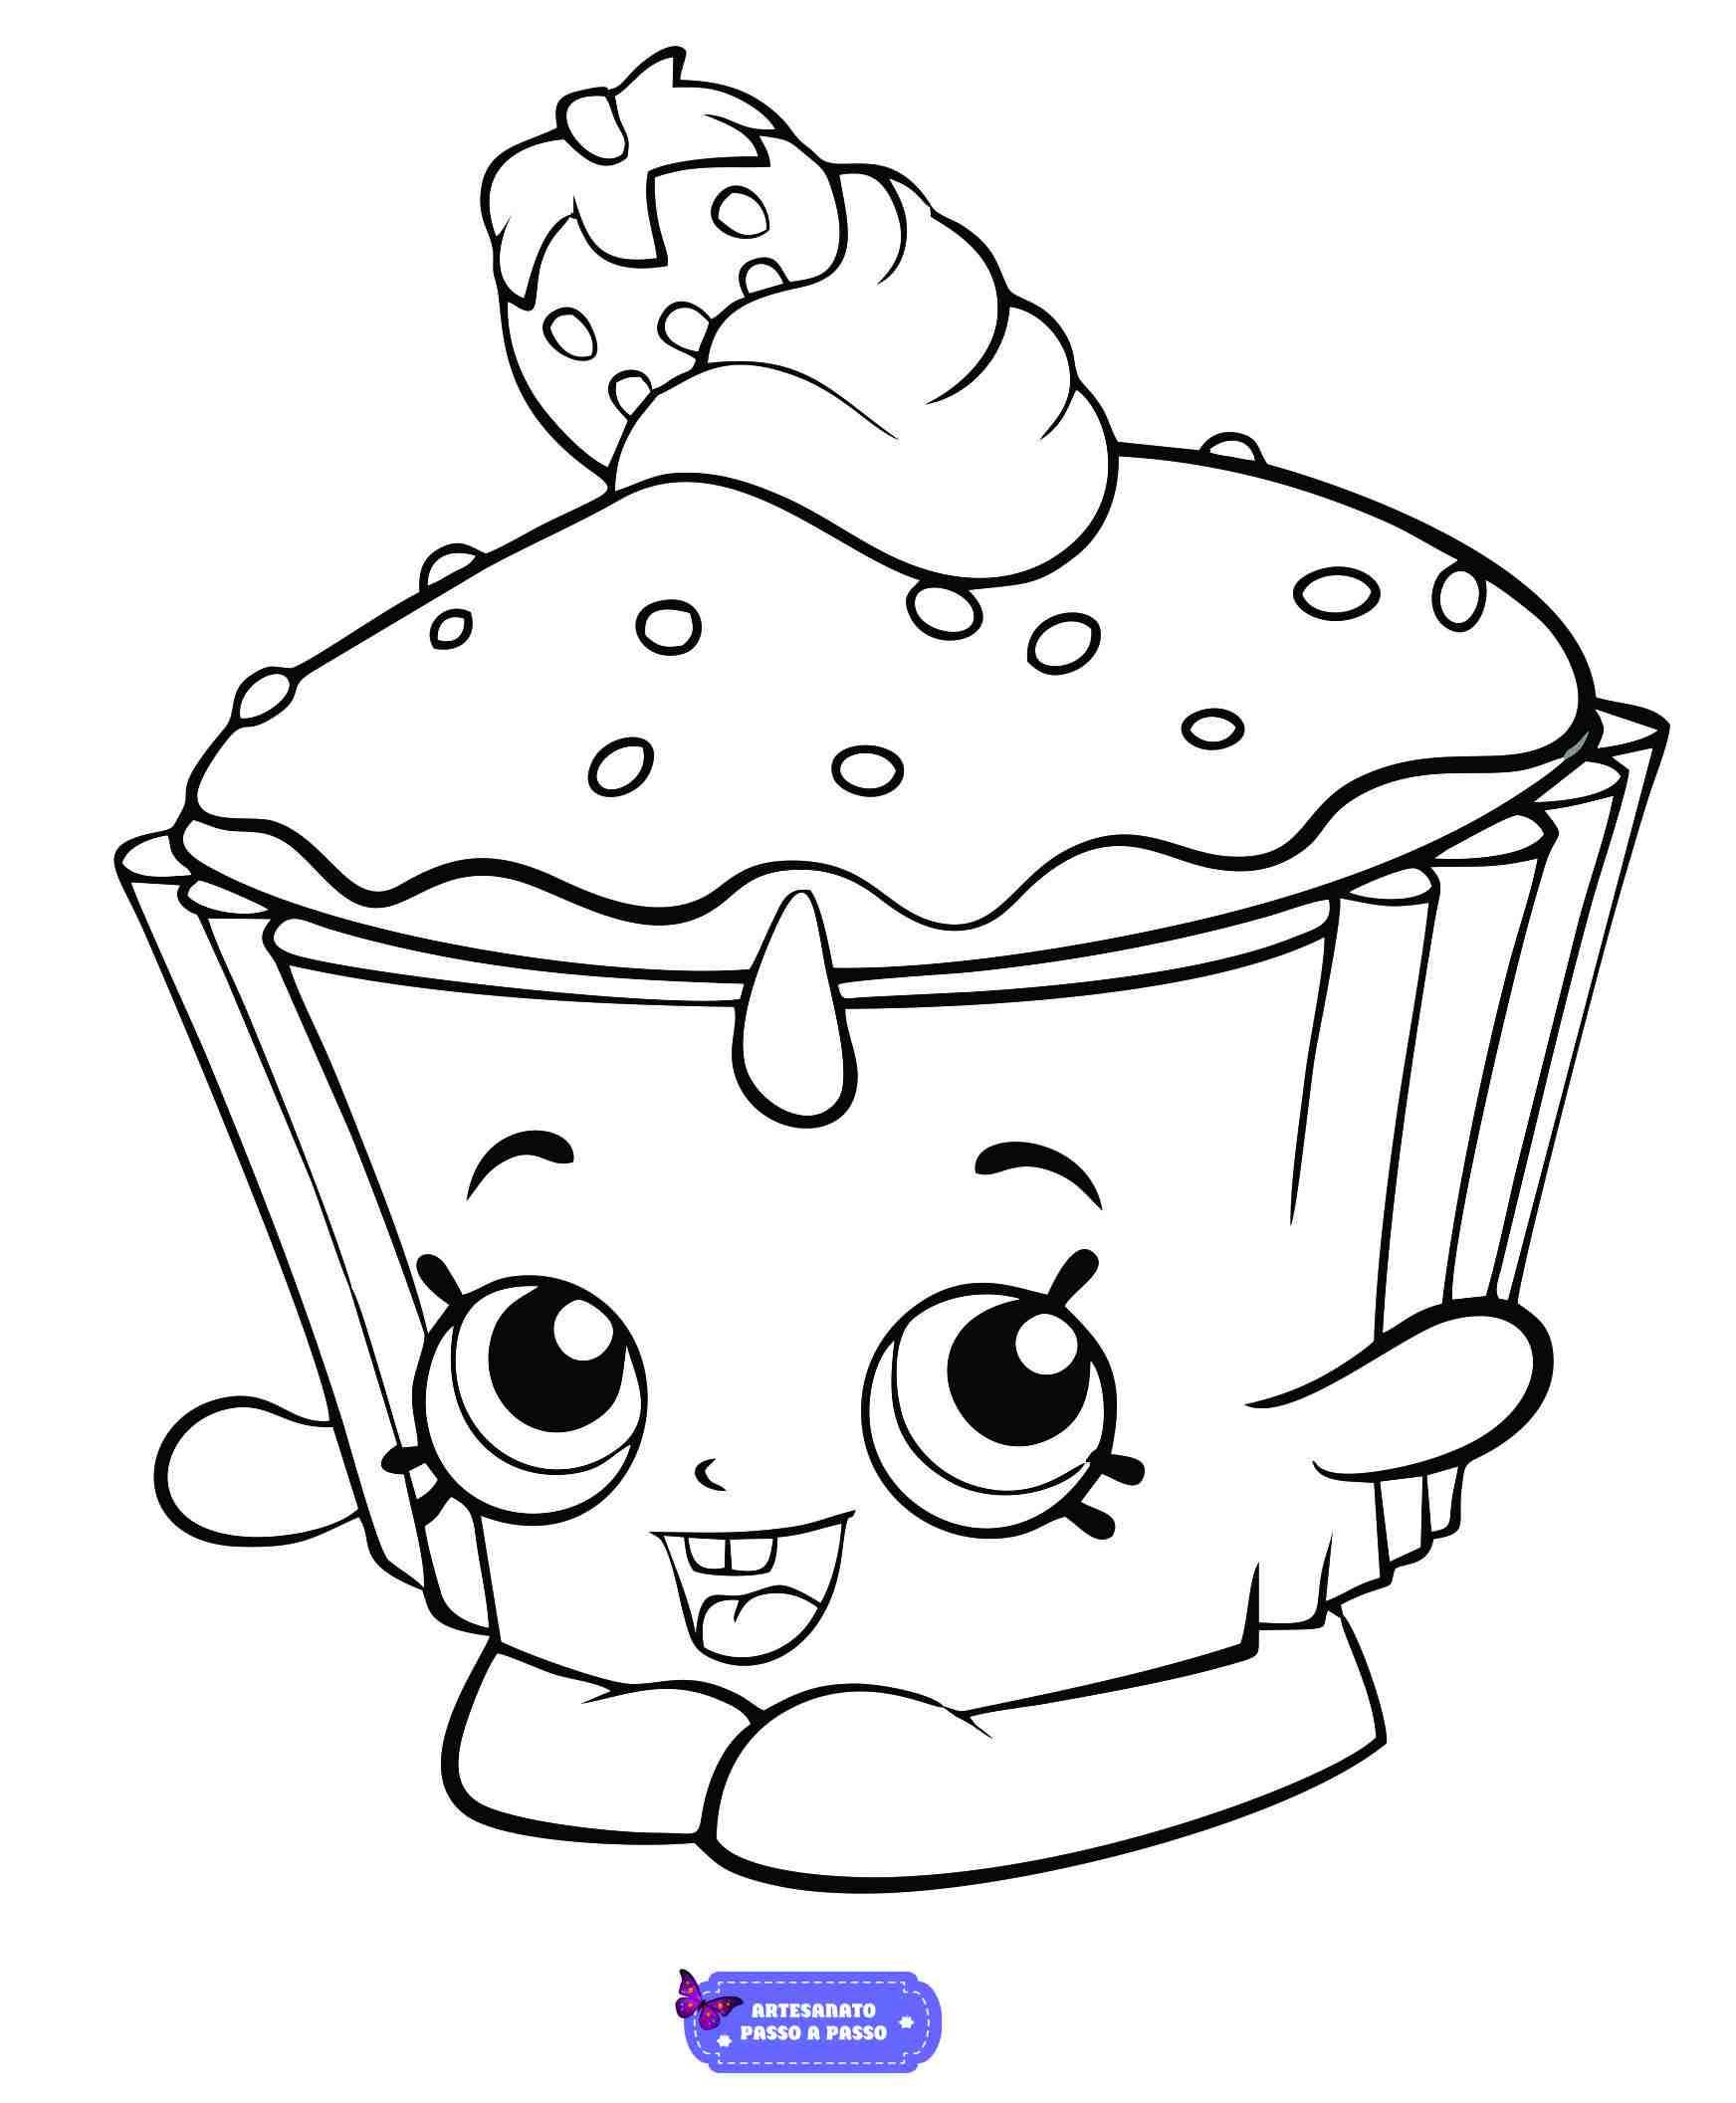 Desenho Para Colorir Infantil Artesanato Passo A Passo